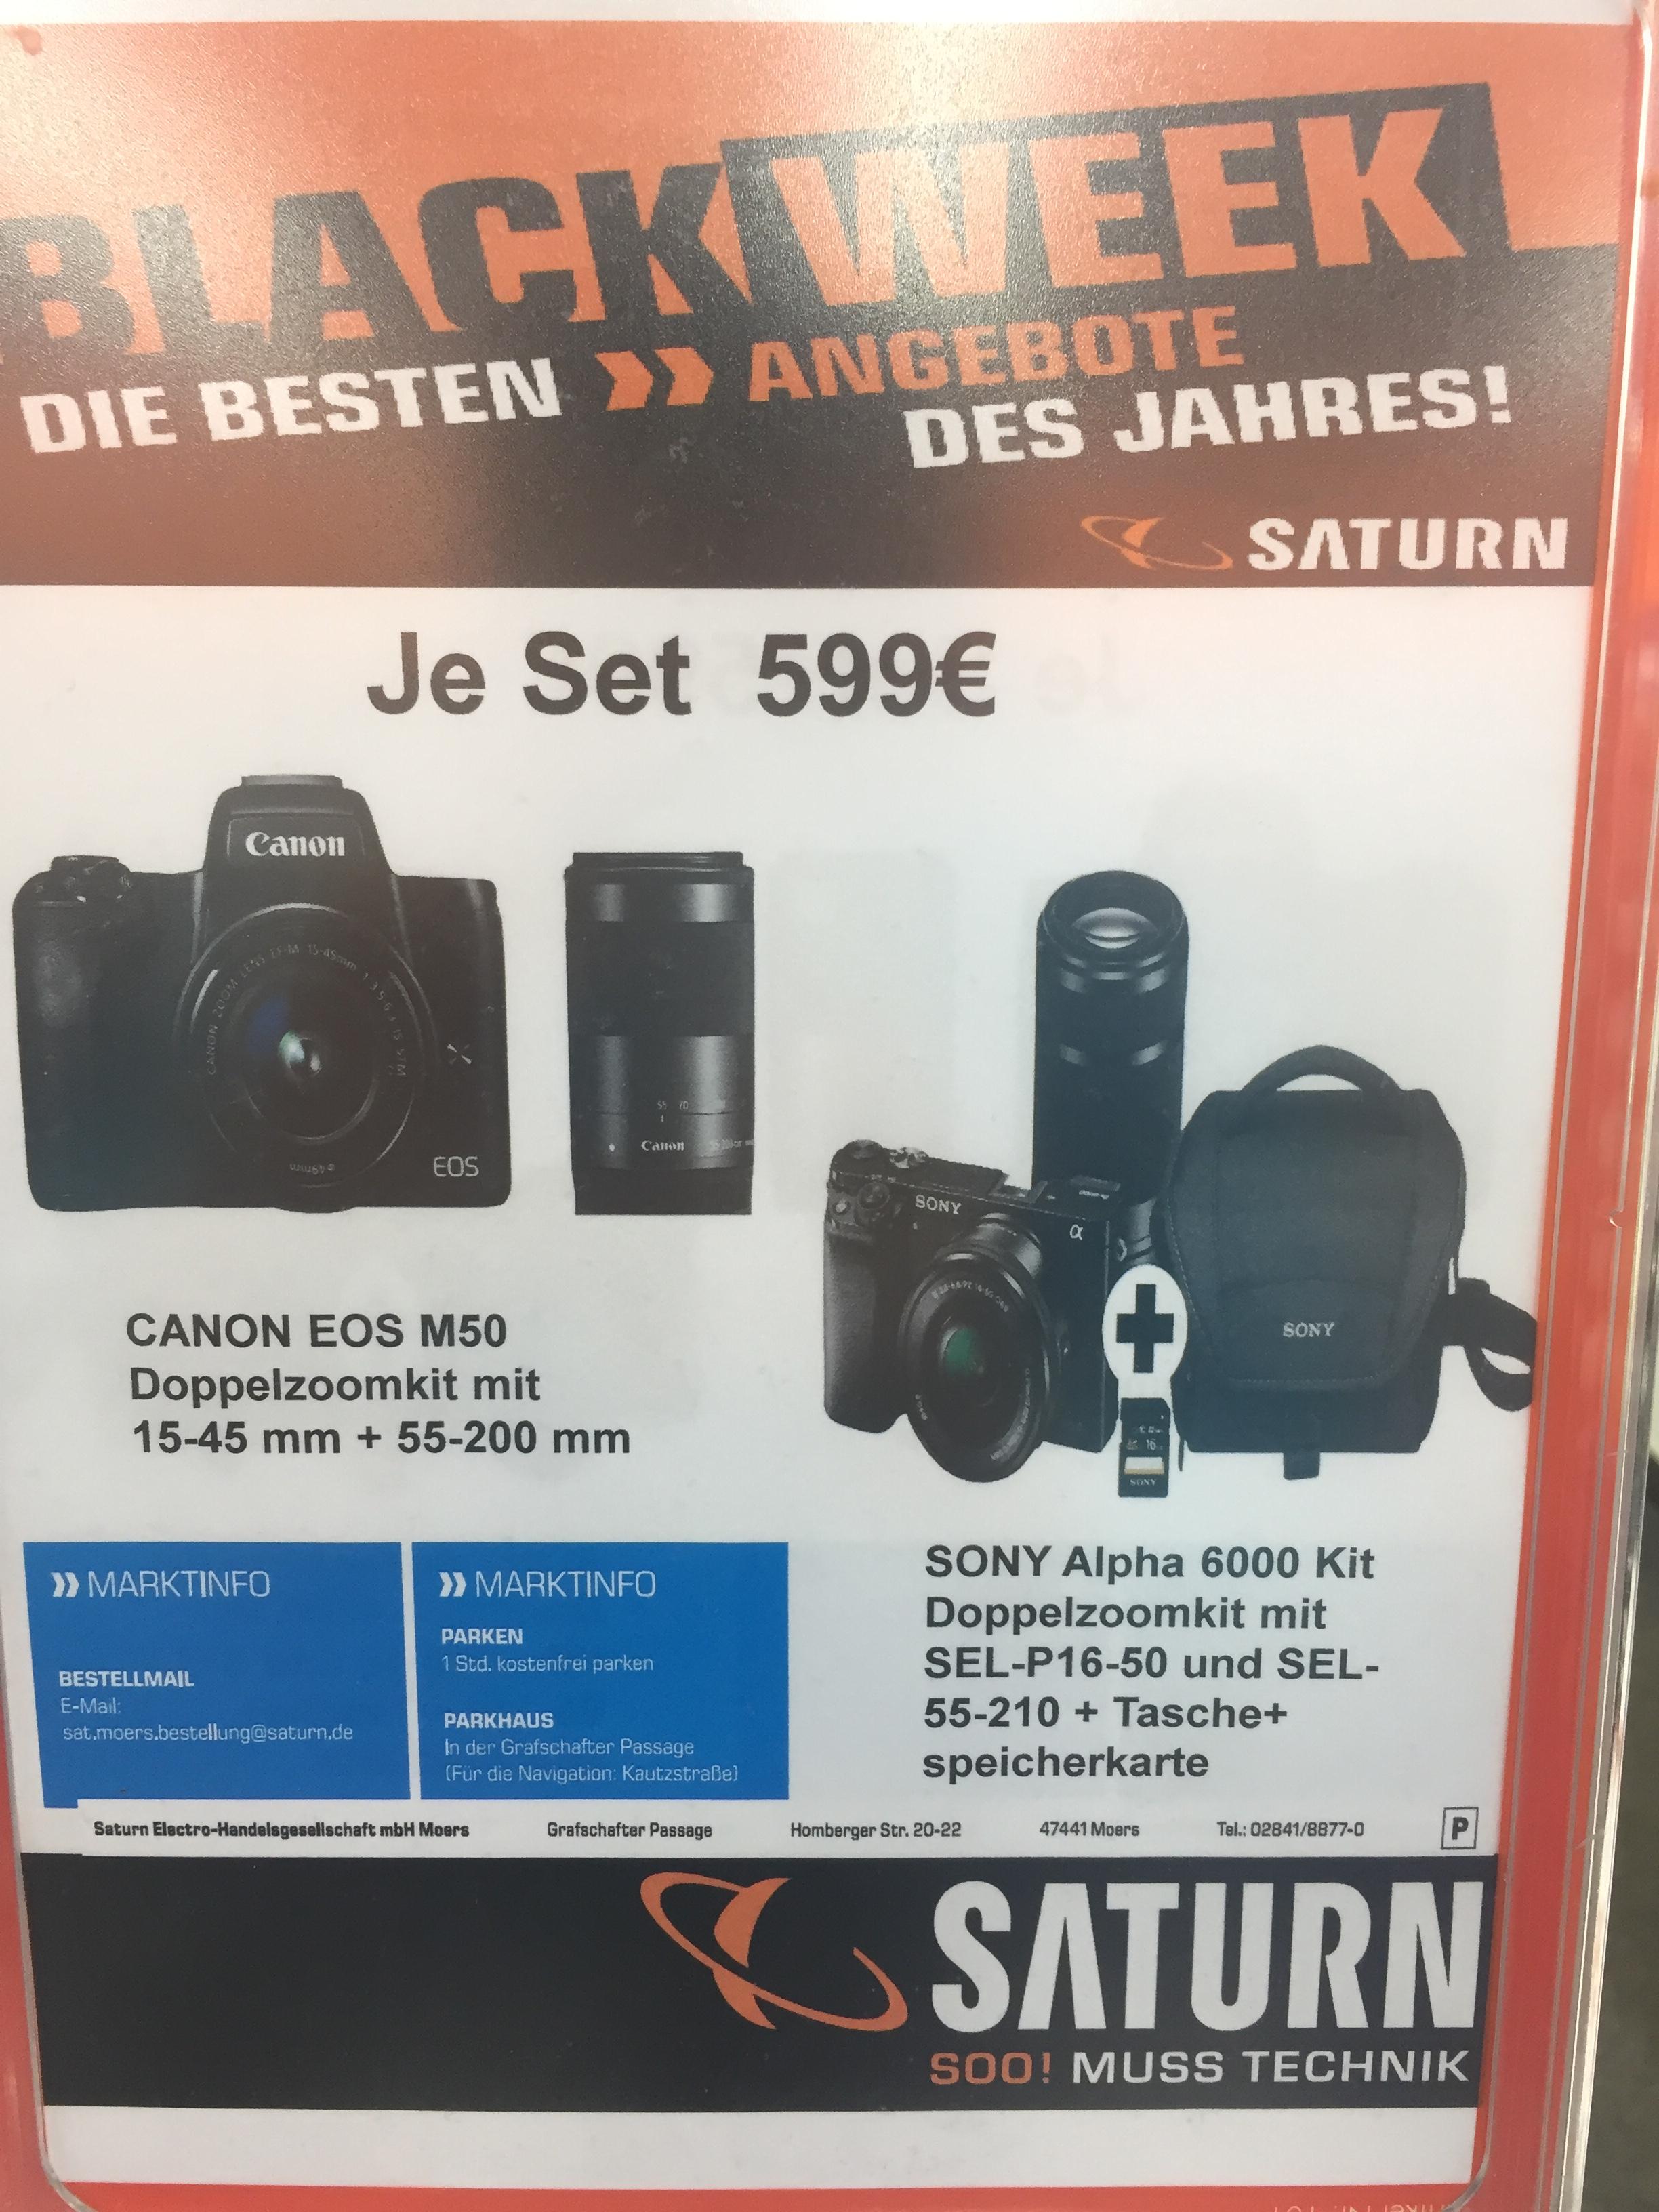 Canon EOS M50 Kit 15-45 mm + 55-200 mm oder SONY Alpha 6000 Kit Doppelzoomkit mit SEL-P16-50 und SEL-55-210 Reservierung möglich